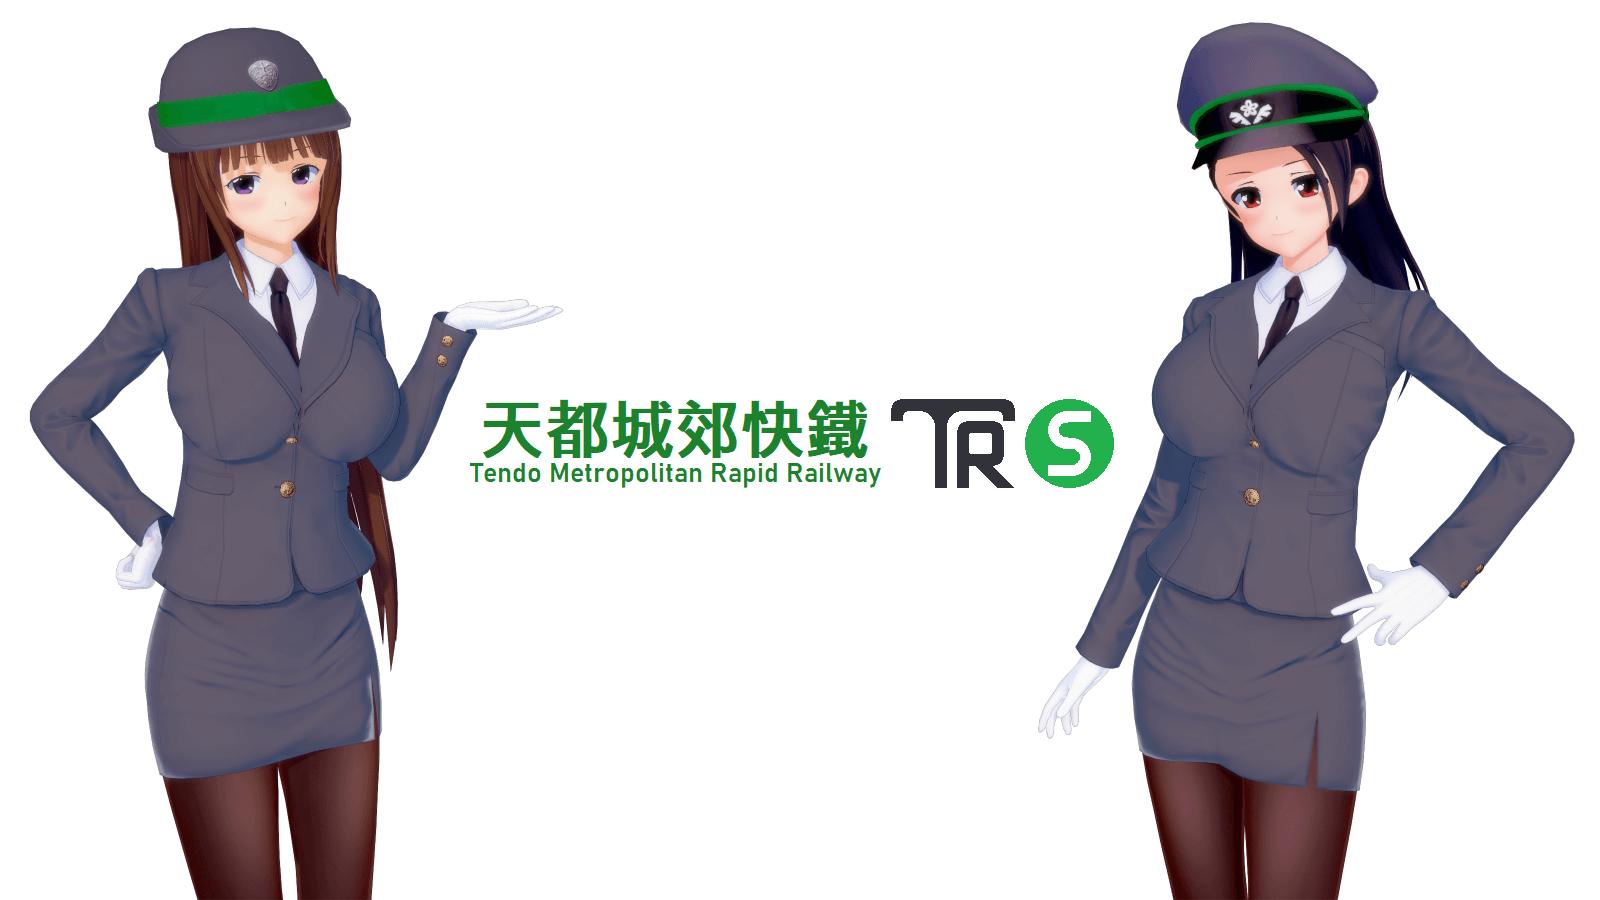 天都城郊快鐵uniform-1.png